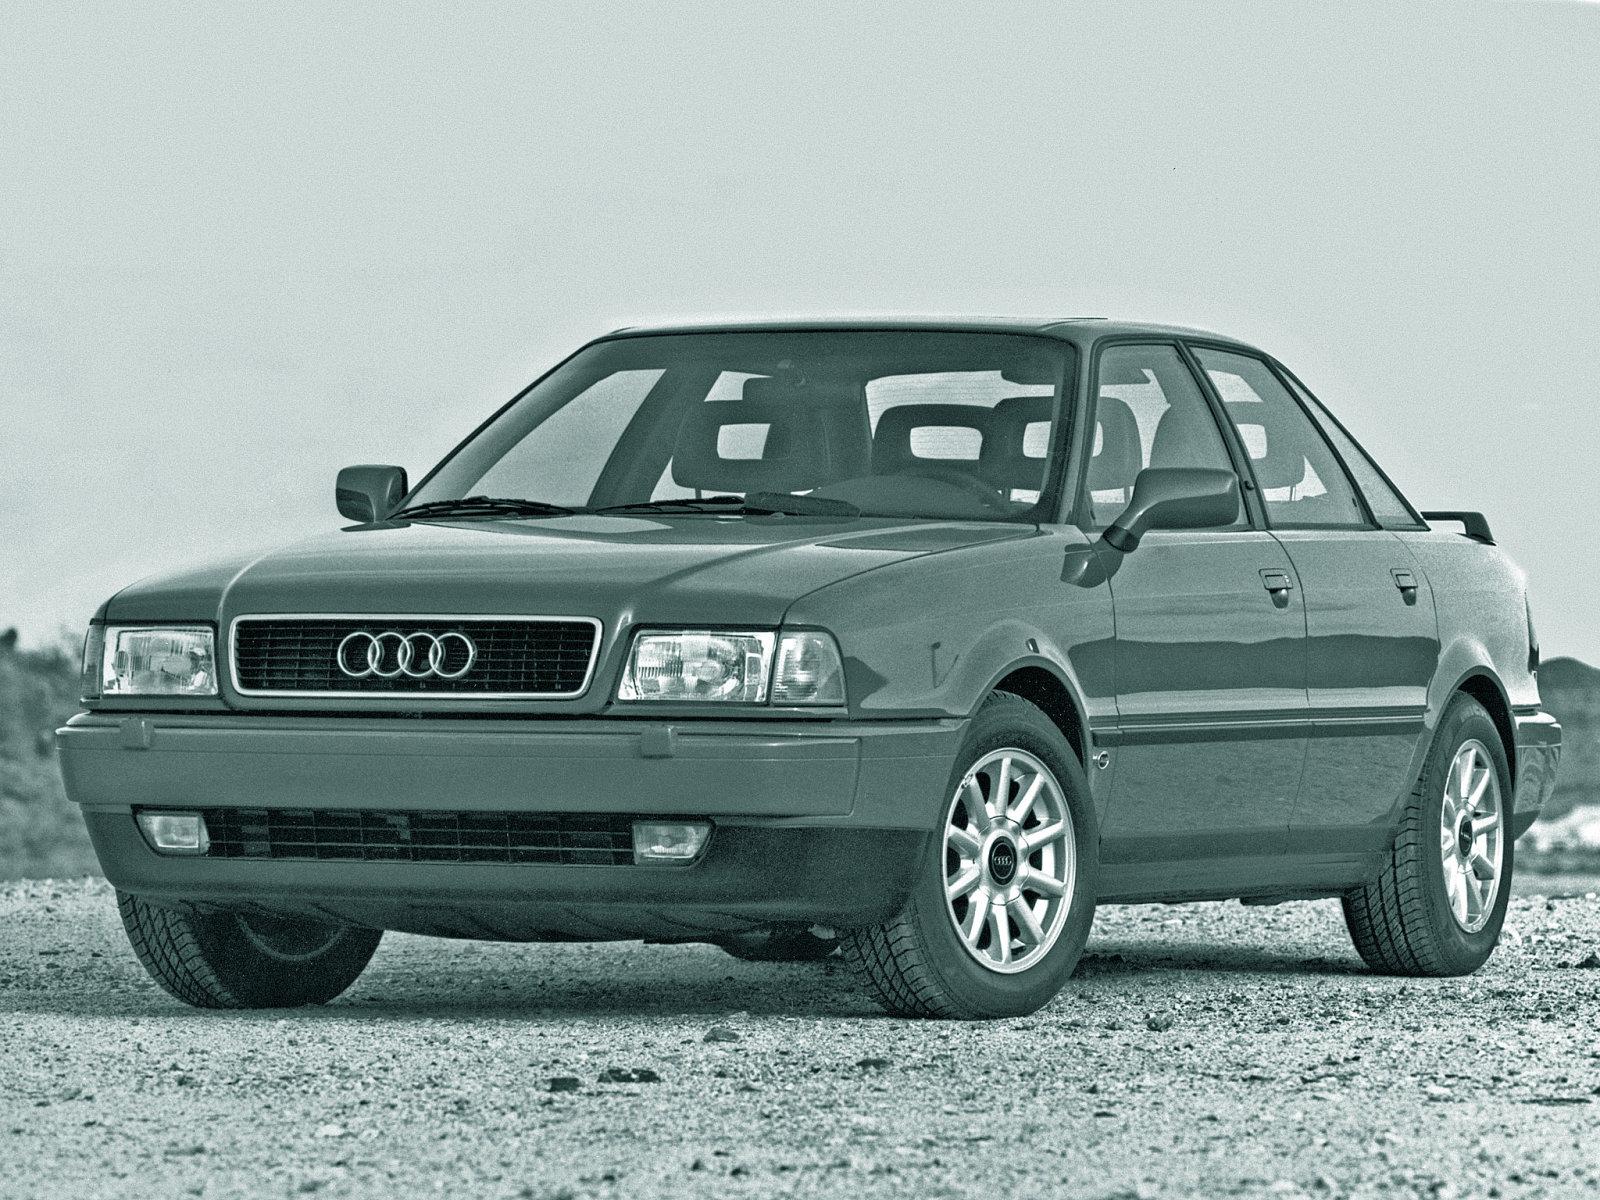 Запчасти кузова для Audi S6, S8, TT, Николаев.